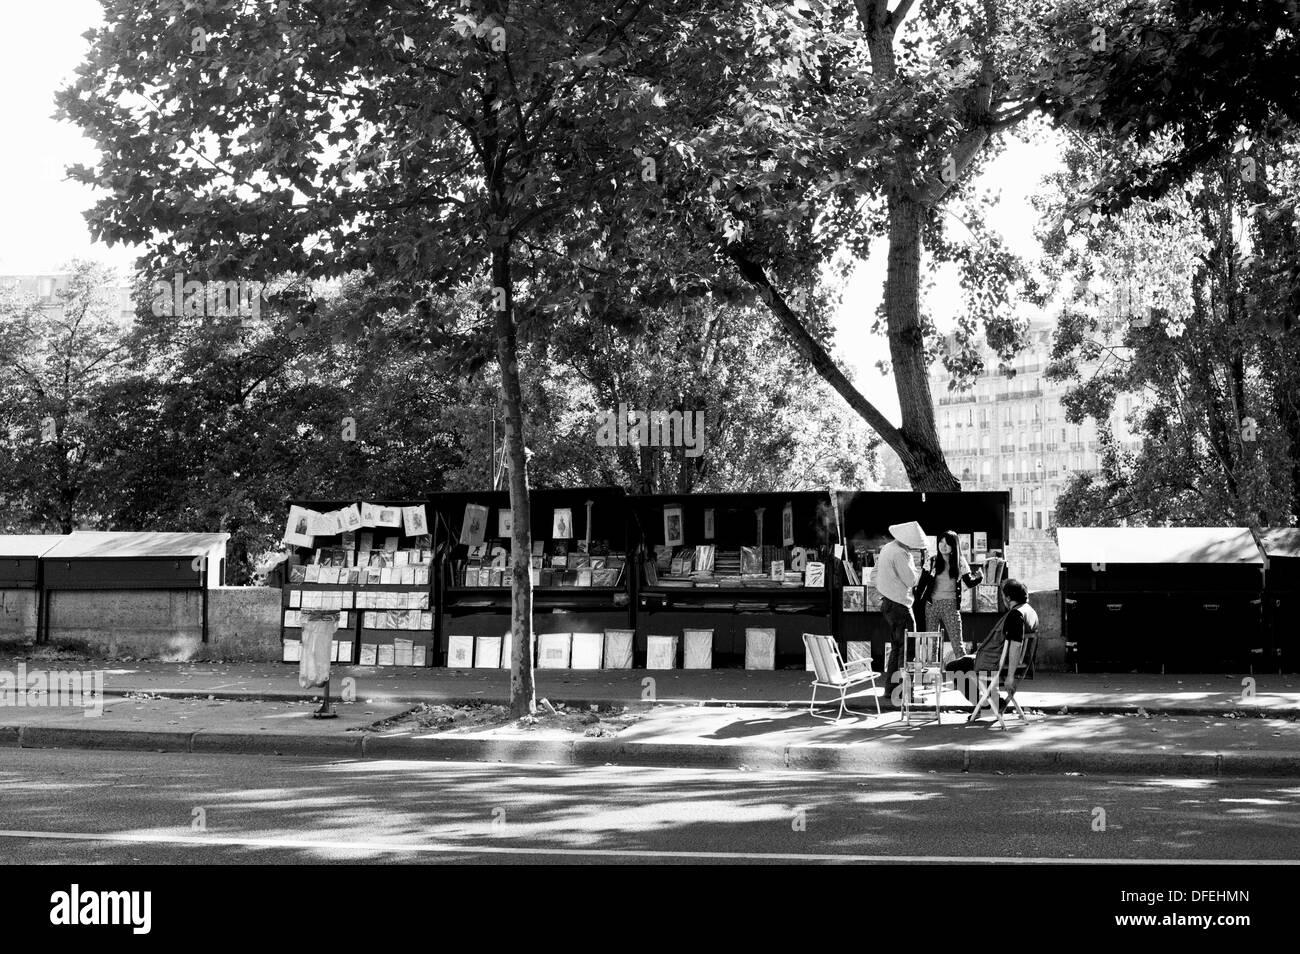 Les touristes à la recherche à un décrochage sur les bords de Seine à Paris, France. Banque D'Images